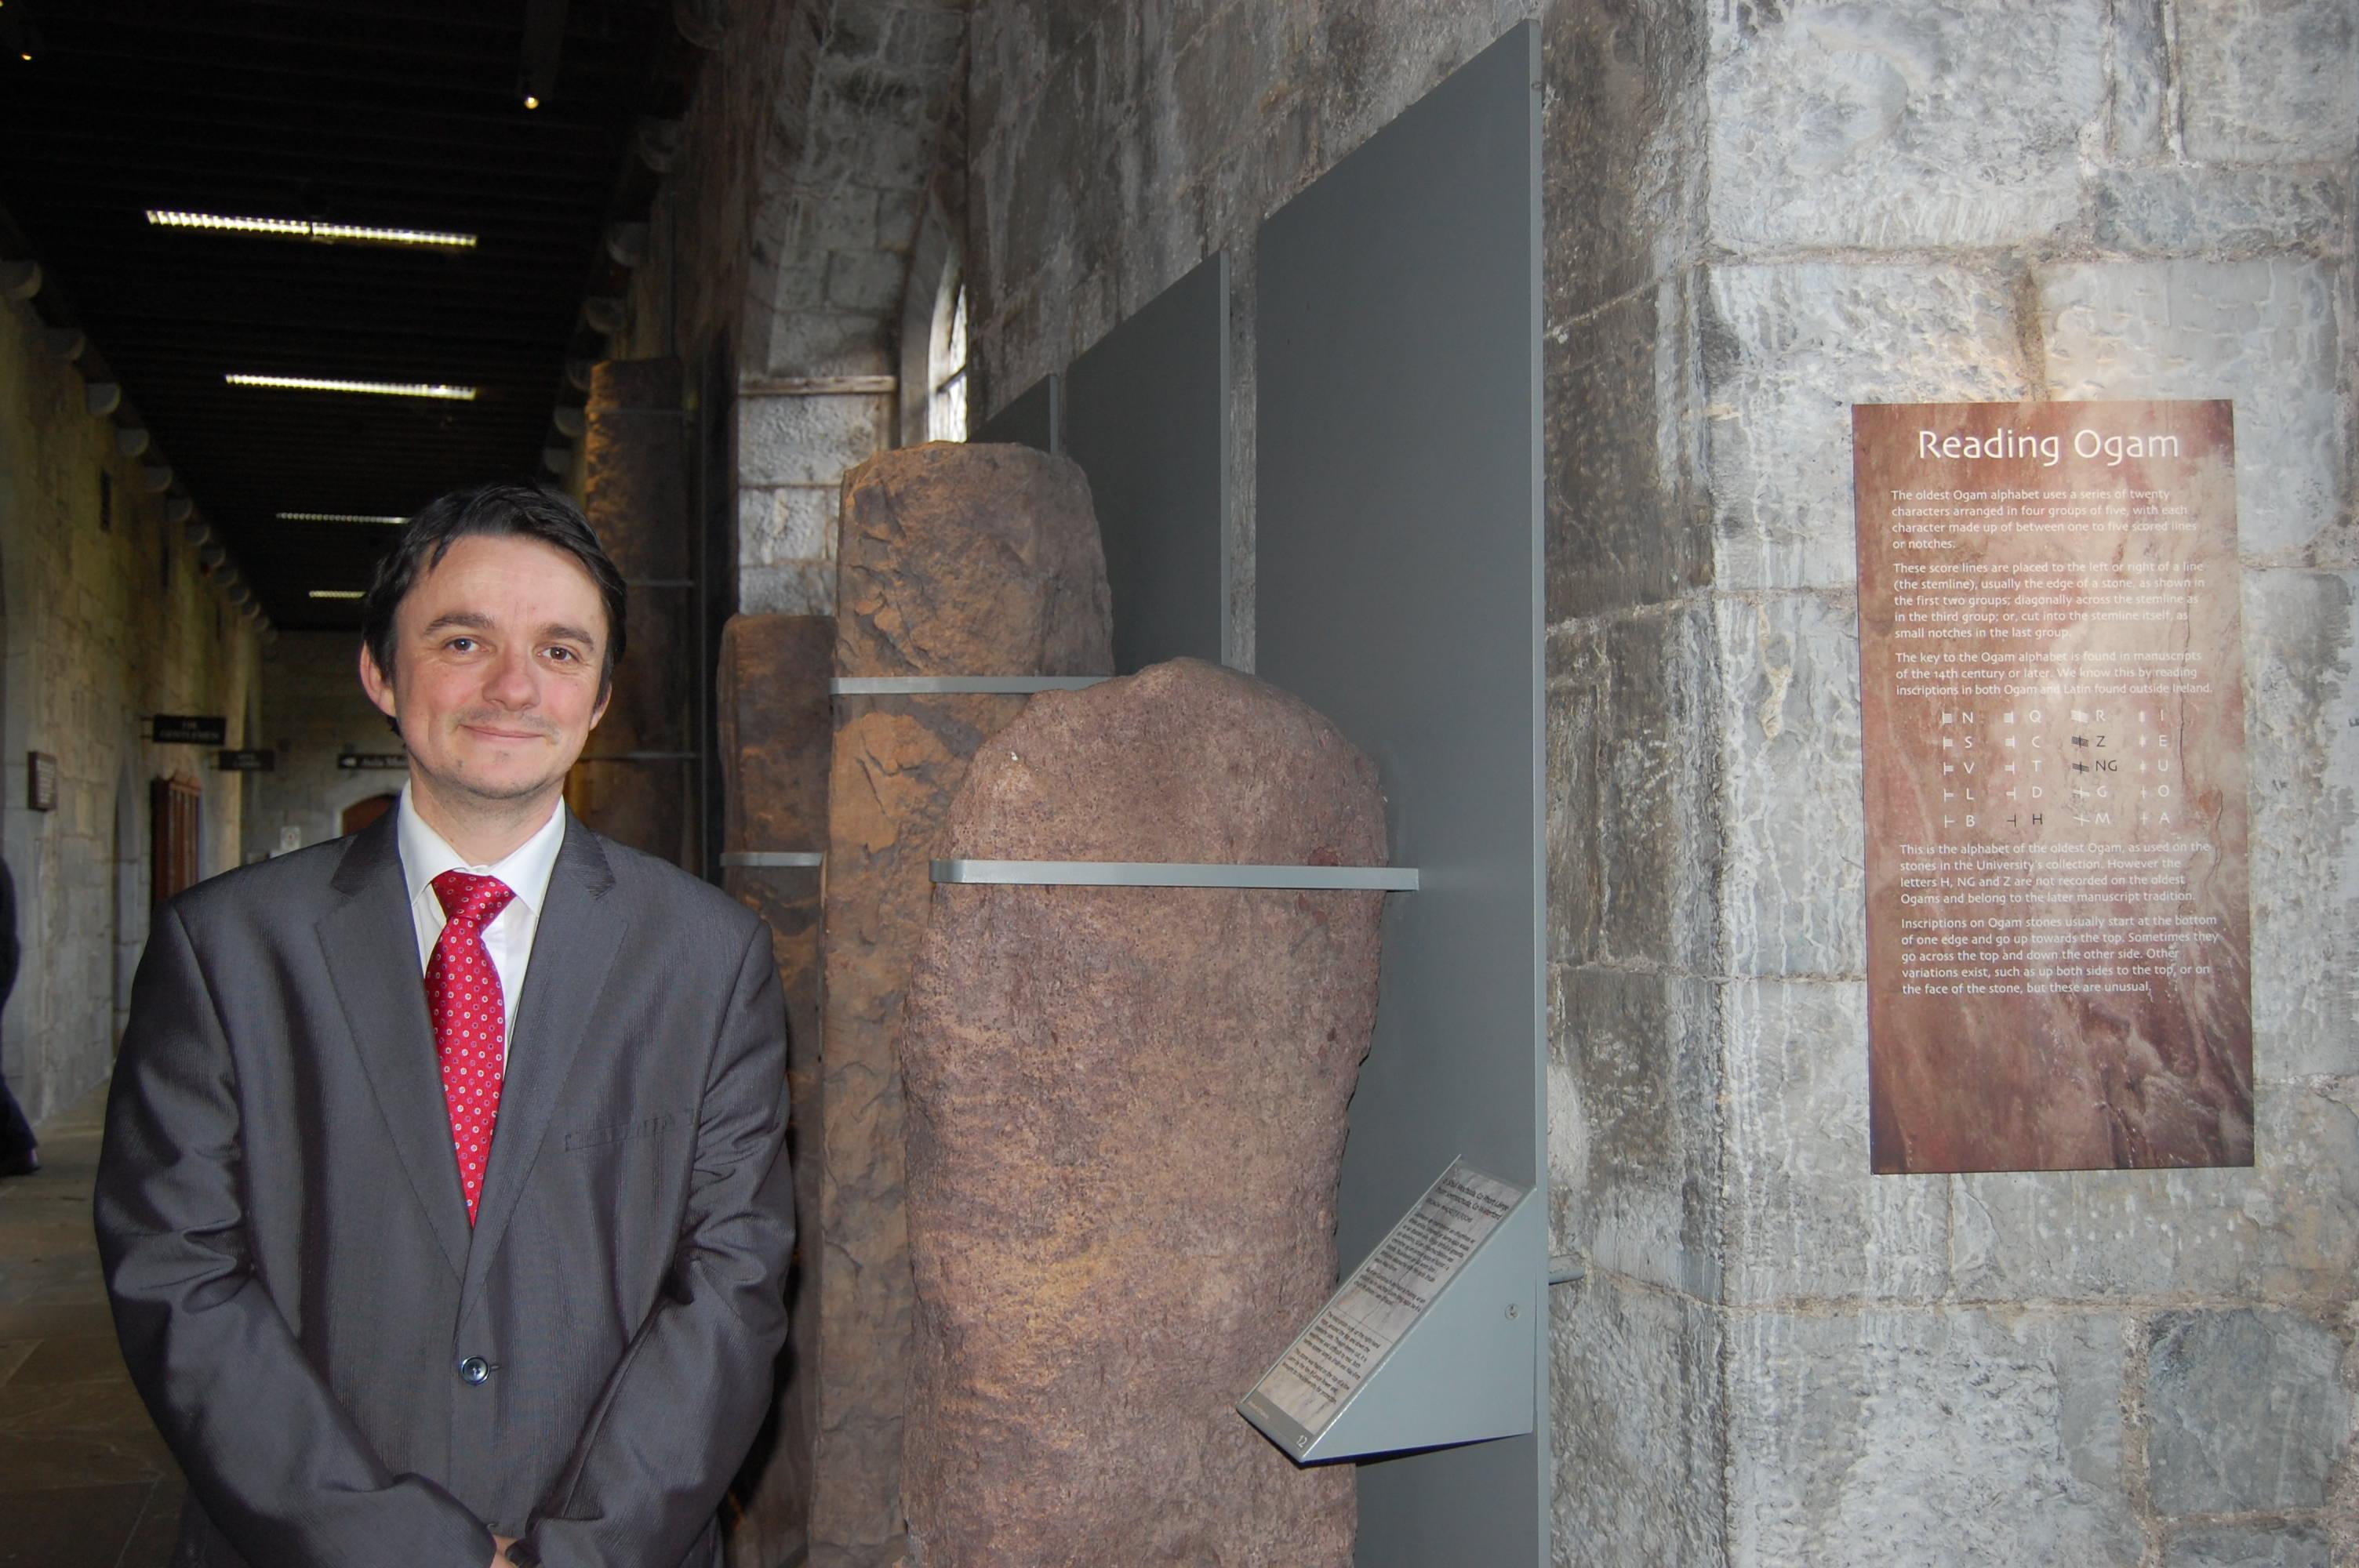 Dr Emanuel Popovici